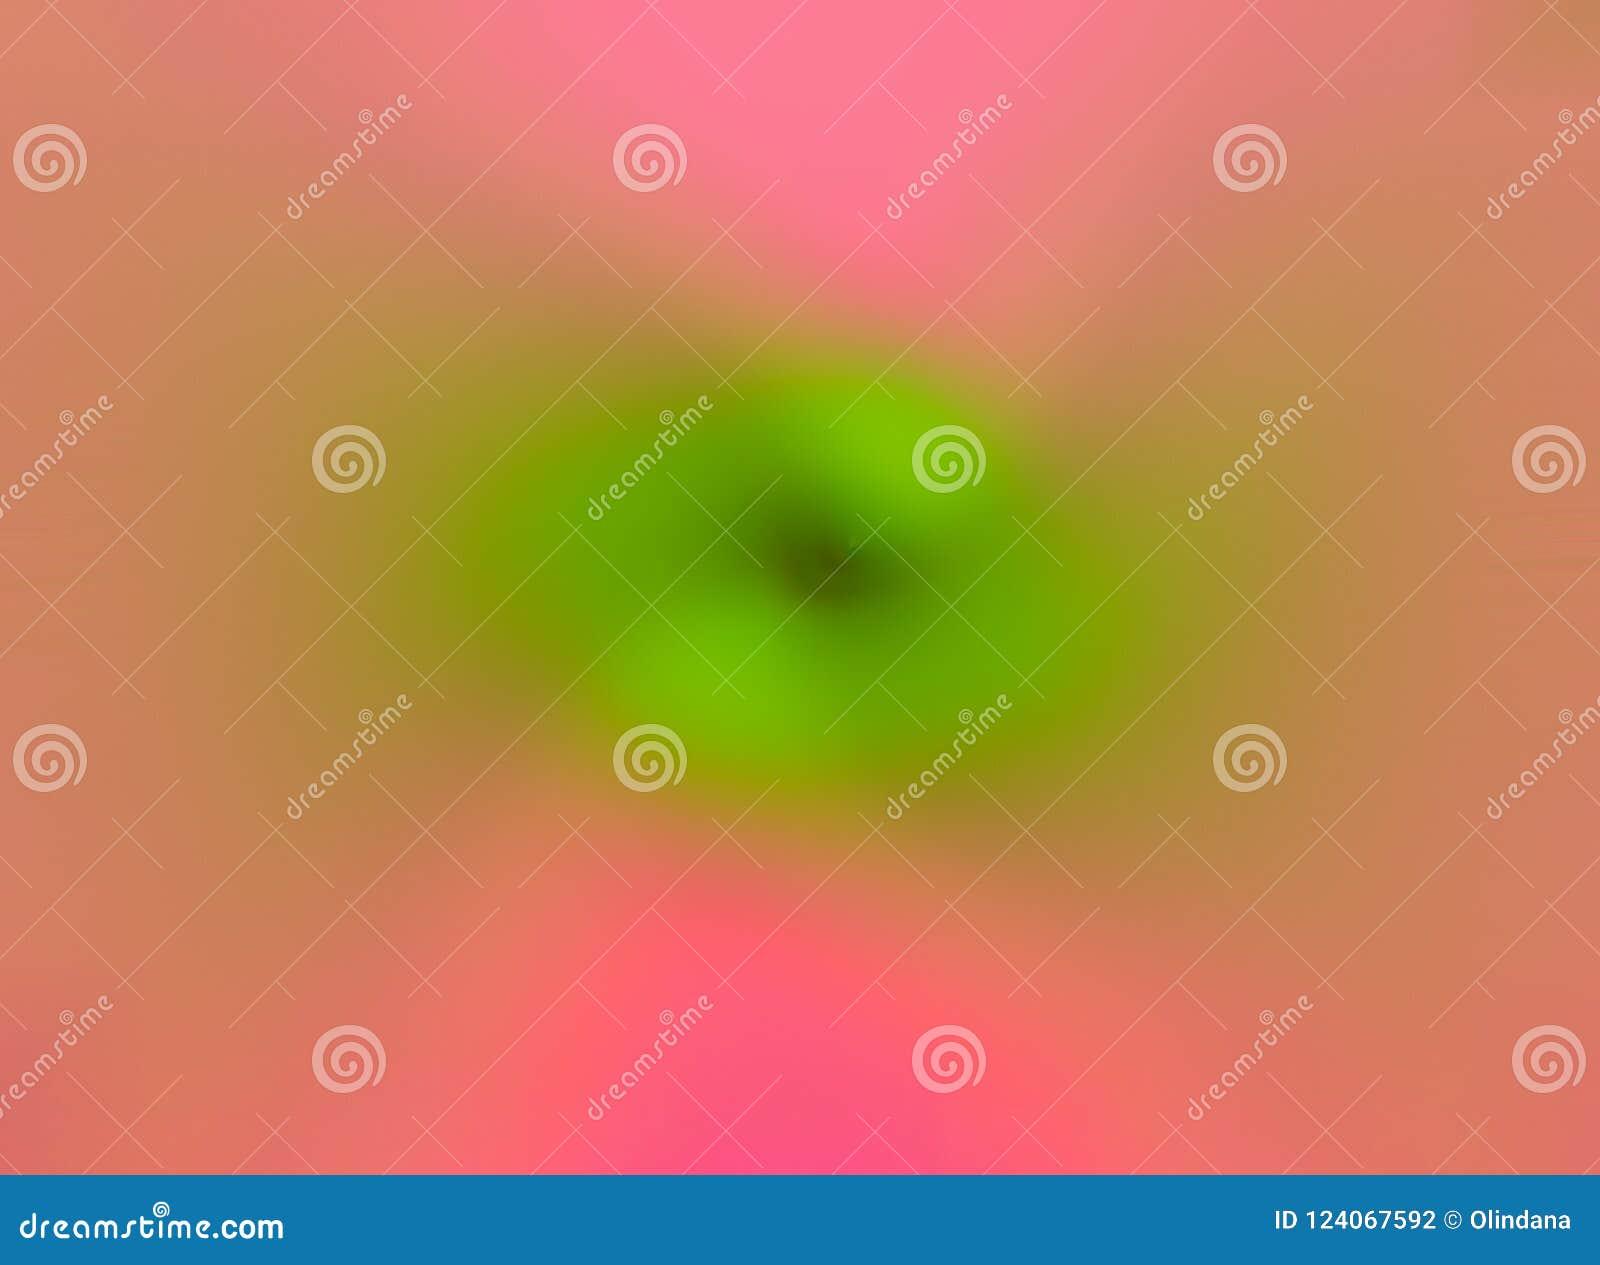 De samenvatting vertroebelde multicolored roze fuchsiakleurig groene kleuren wervelings radiale van de achtergrondneonpastelkleur